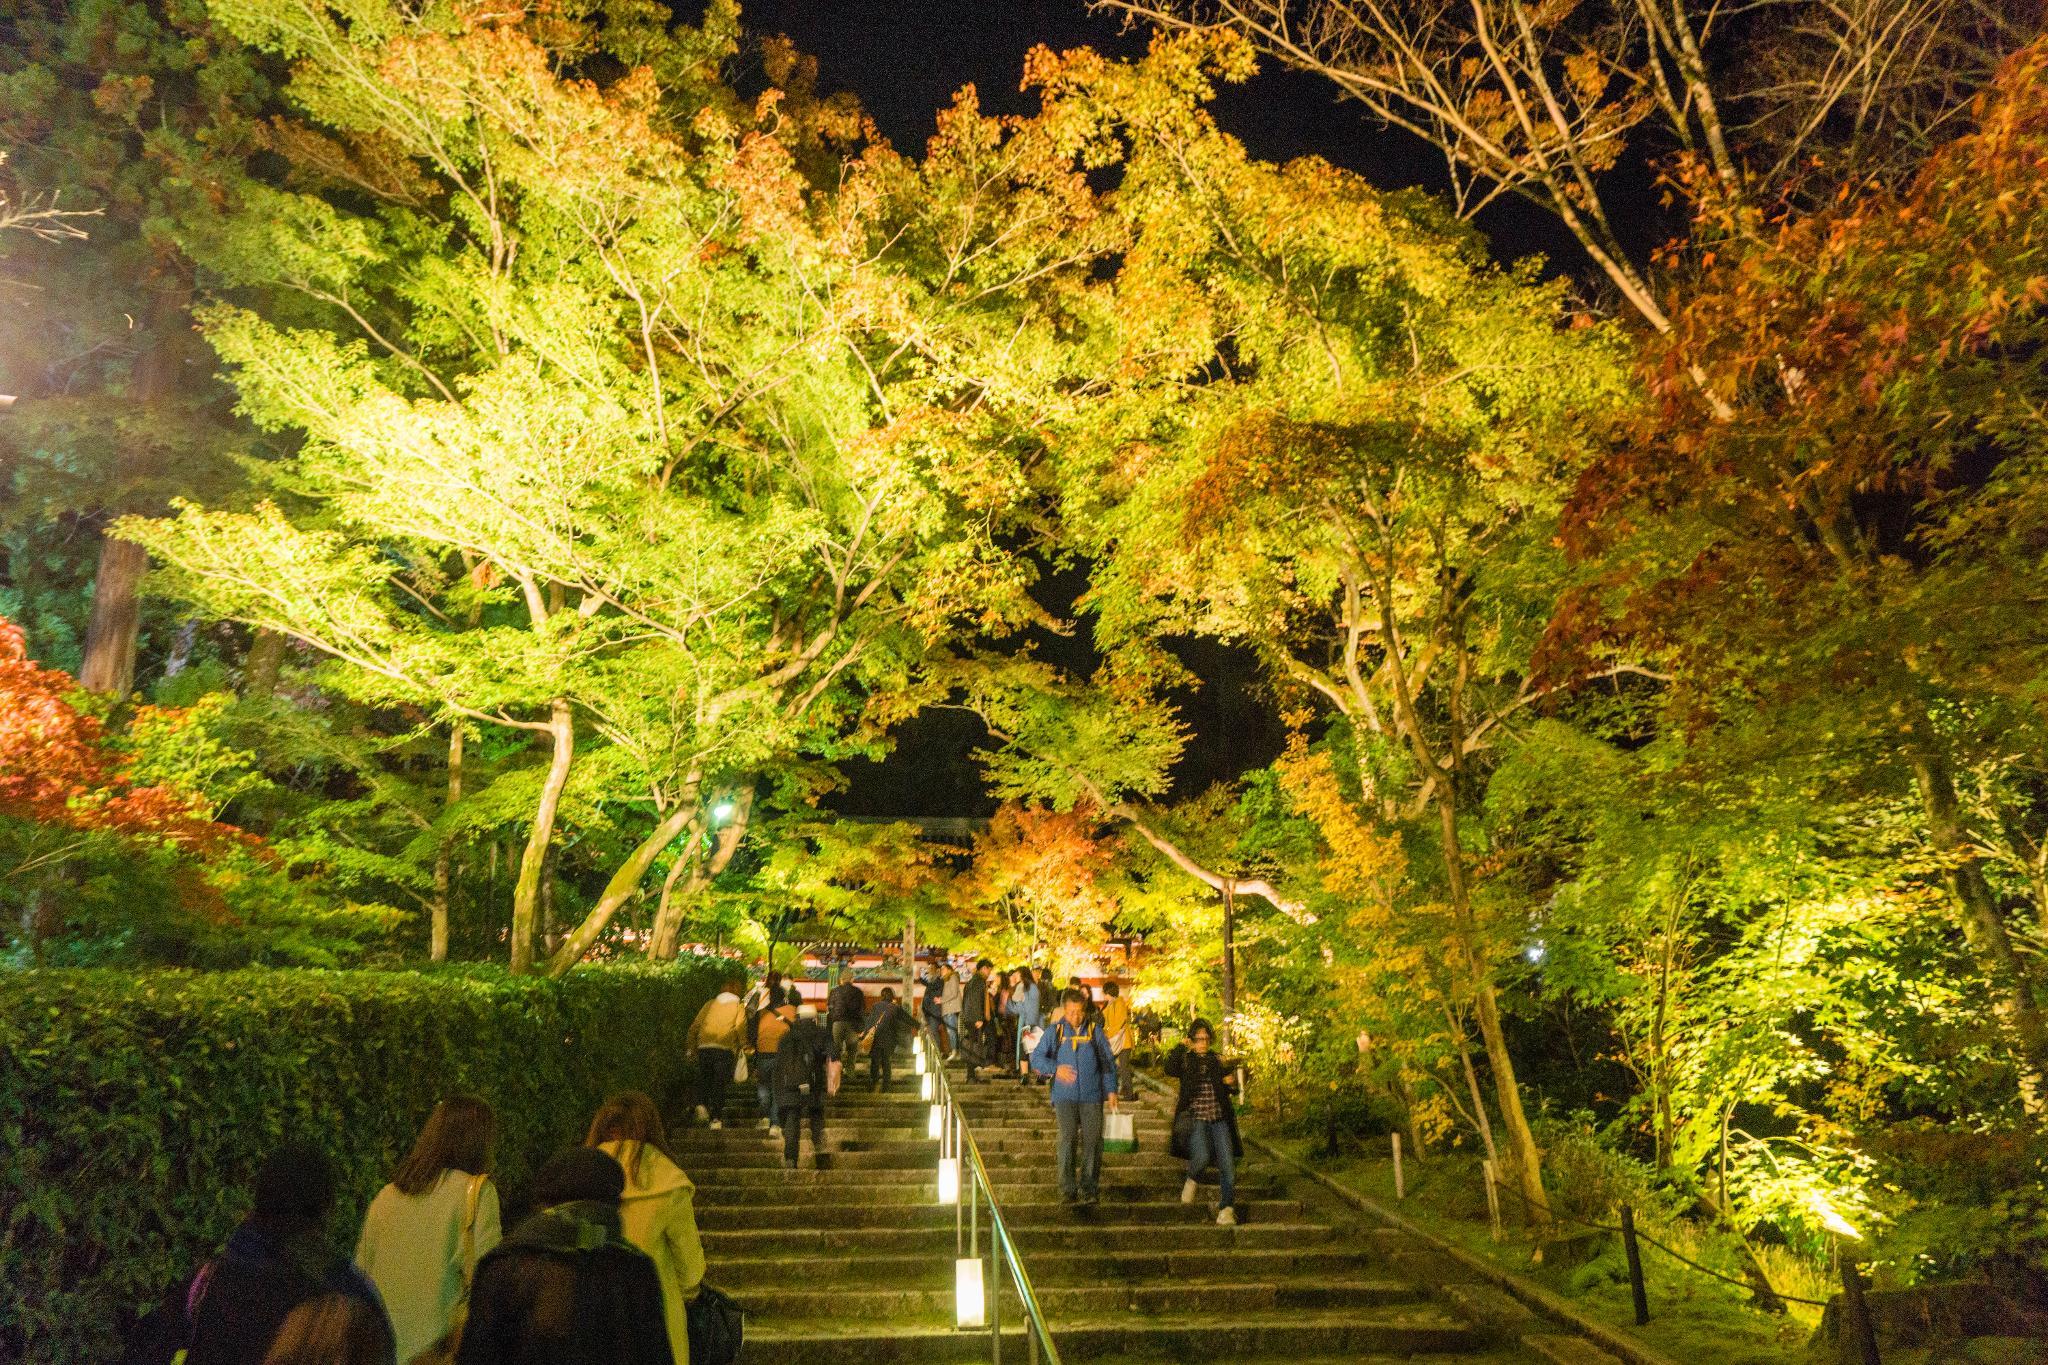 【京都】此生必來的紅葉狩絕景 - 永觀堂夜楓 125